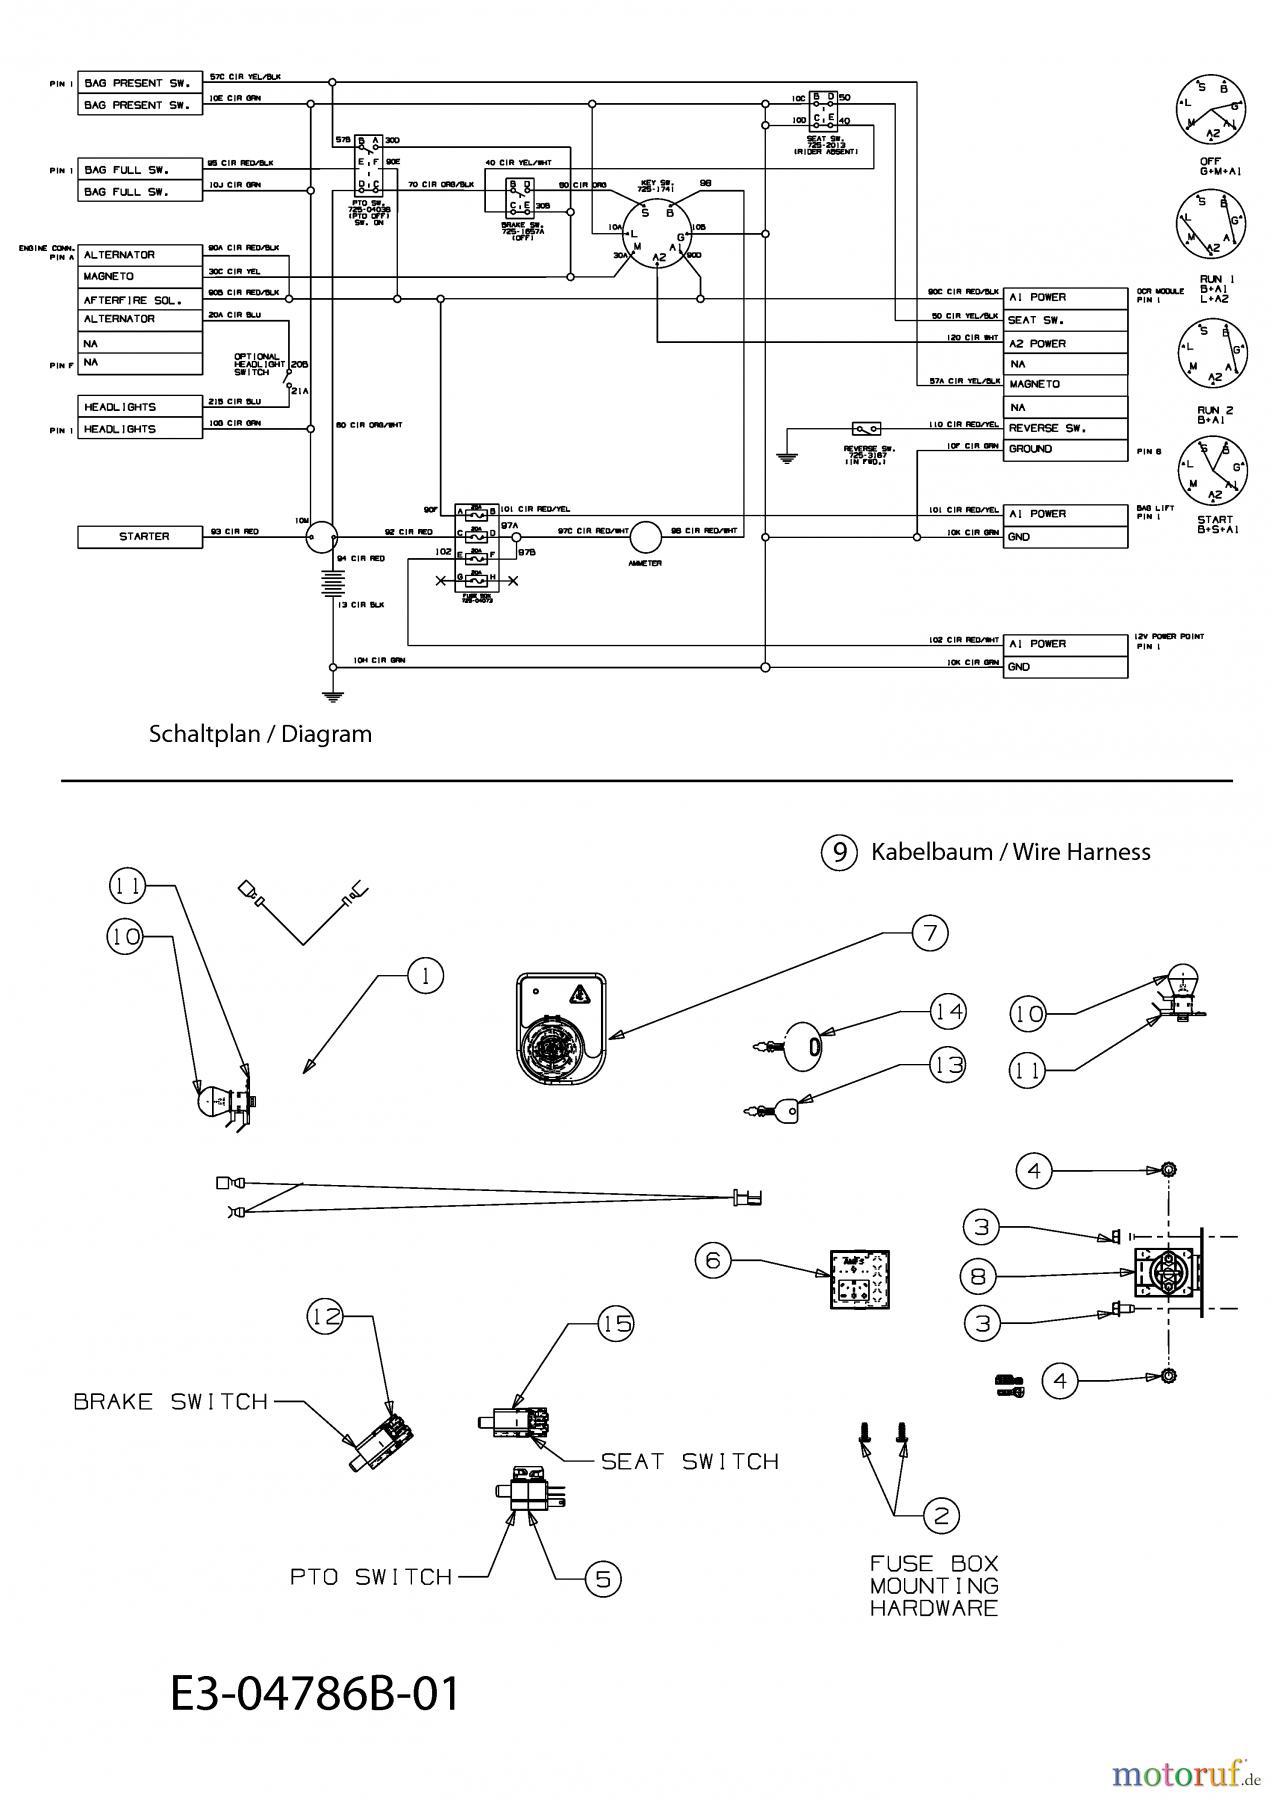 Gutbrod Rasentraktoren GLX 92 RHLK 13BG51GE690 (2010) Elektroteile ...